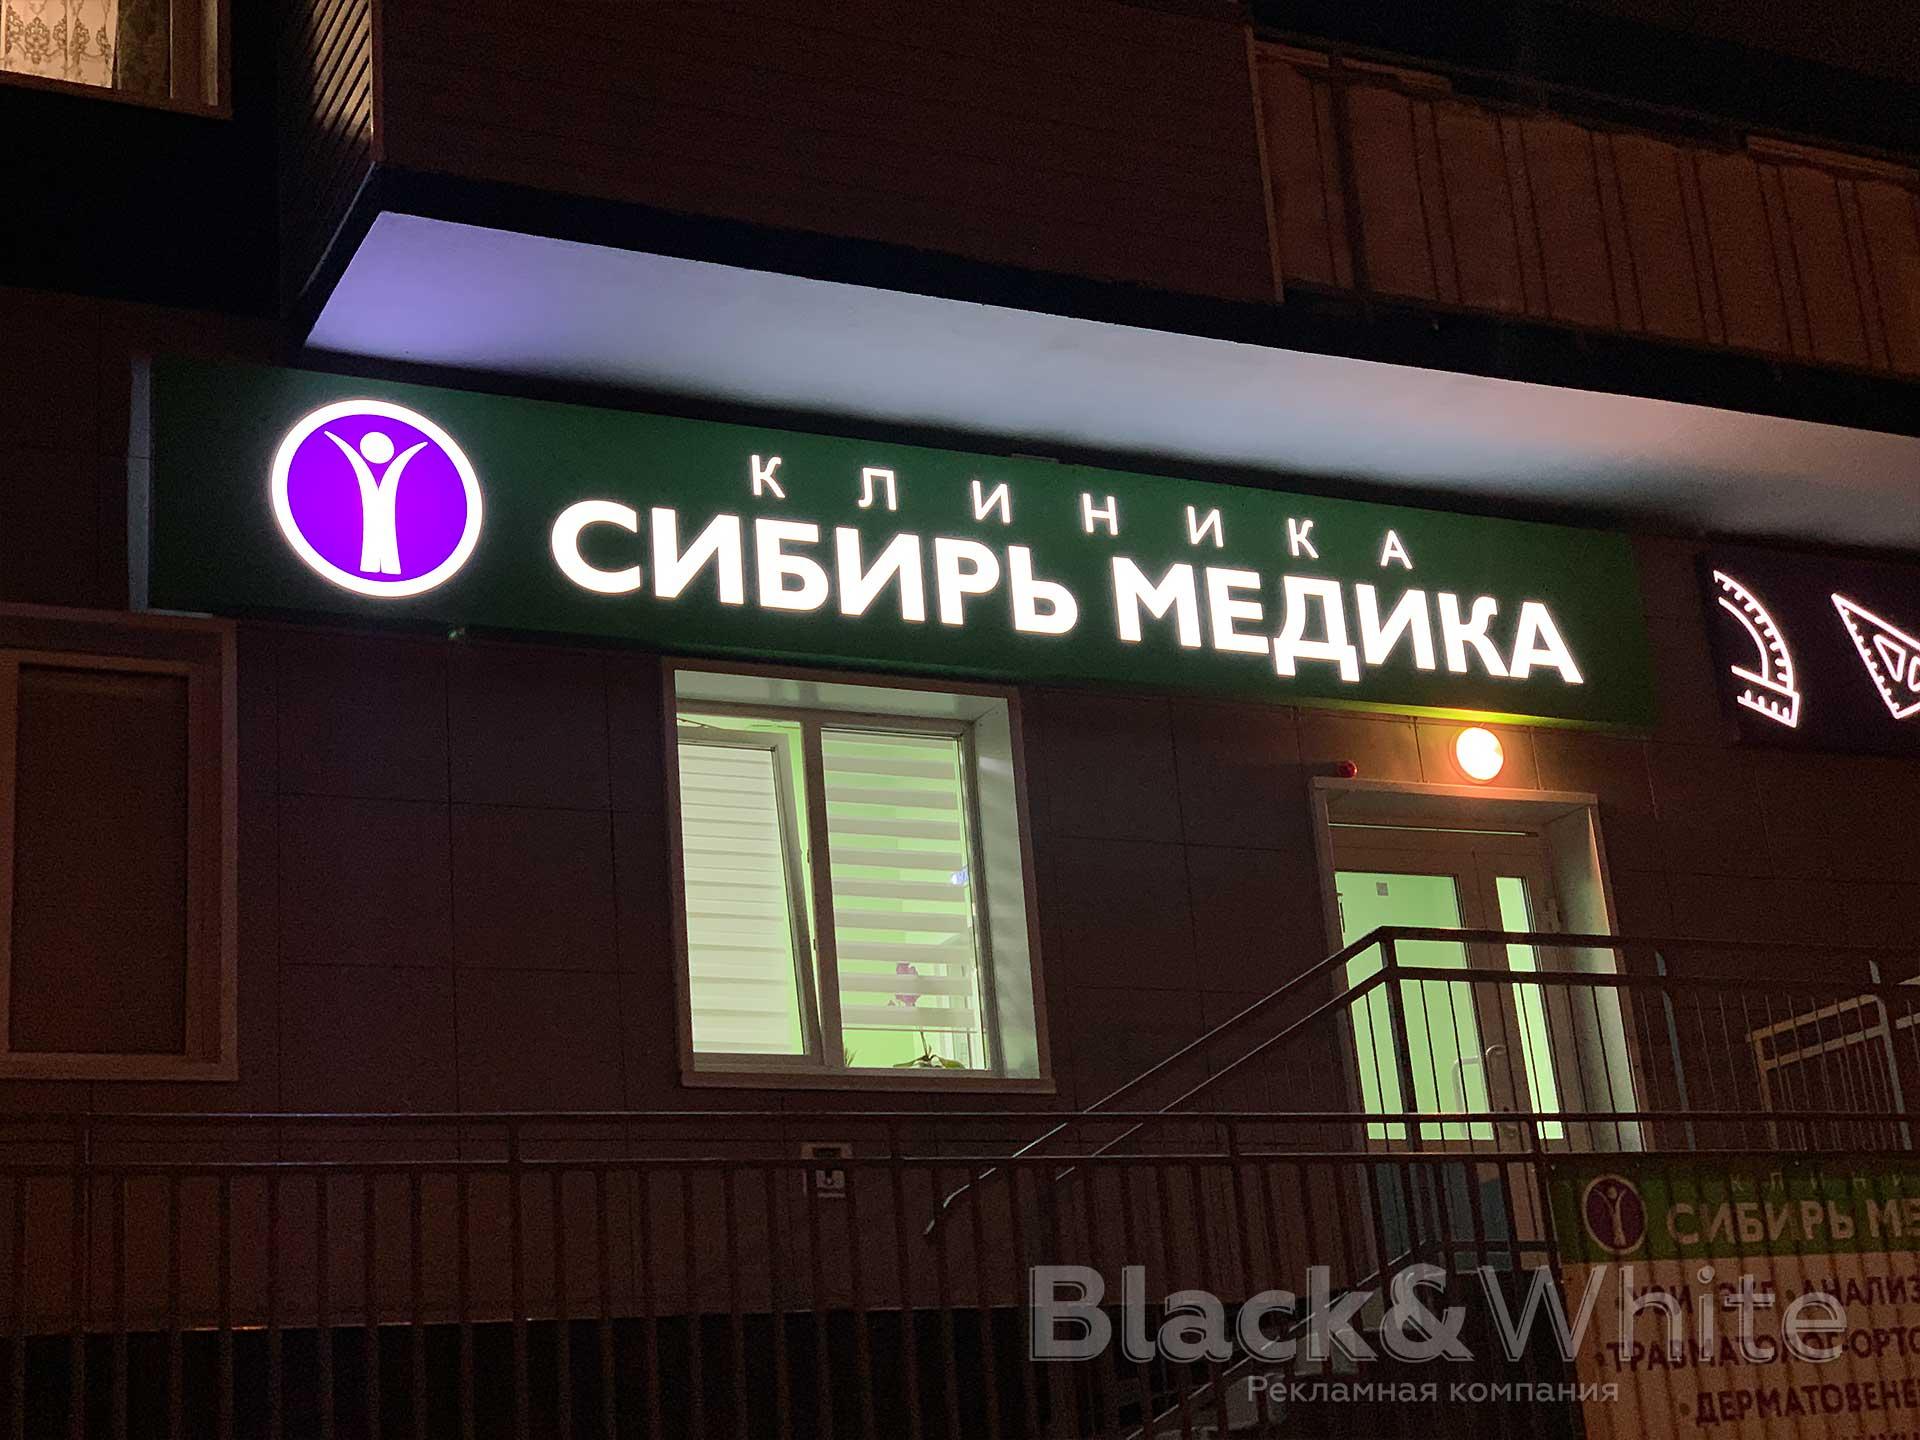 Световая-ывеска-для-медицинской-клиники-в-Красноярске.jpg